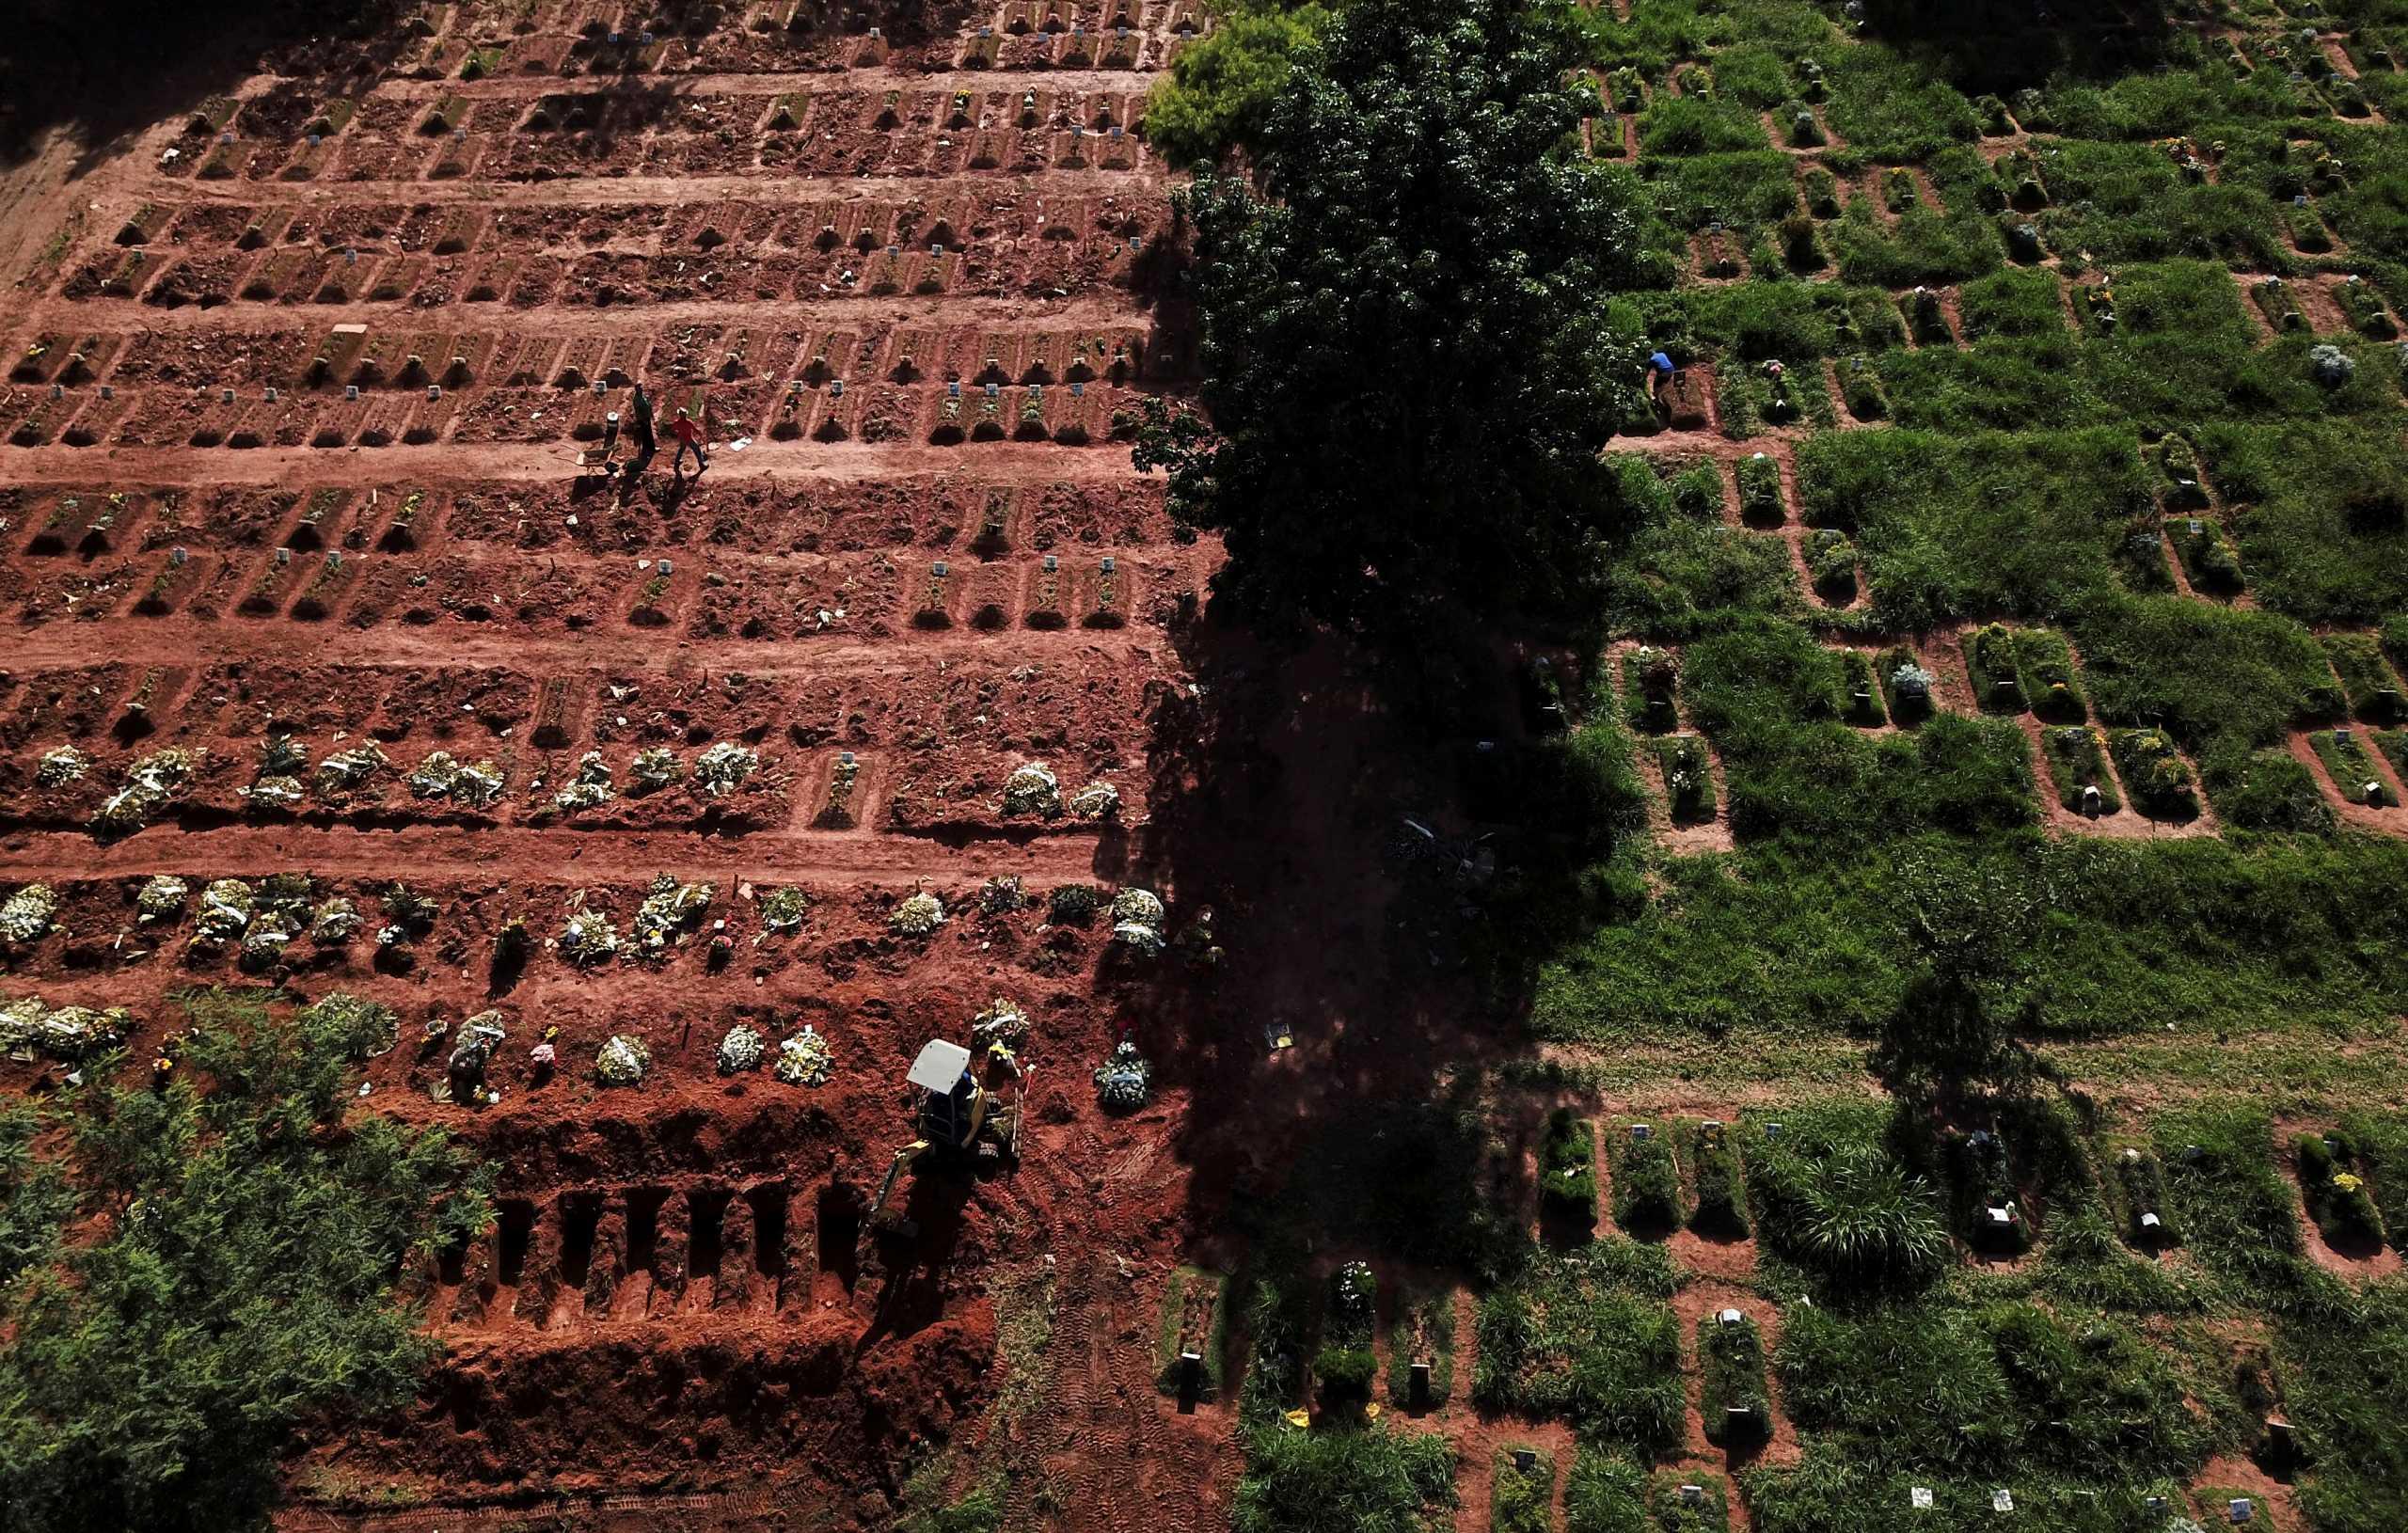 Βραζιλία: 82.266 θάνατοι από κορονοϊό μόνο τον Απρίλιο! 2.595 την τελευταία μέρα